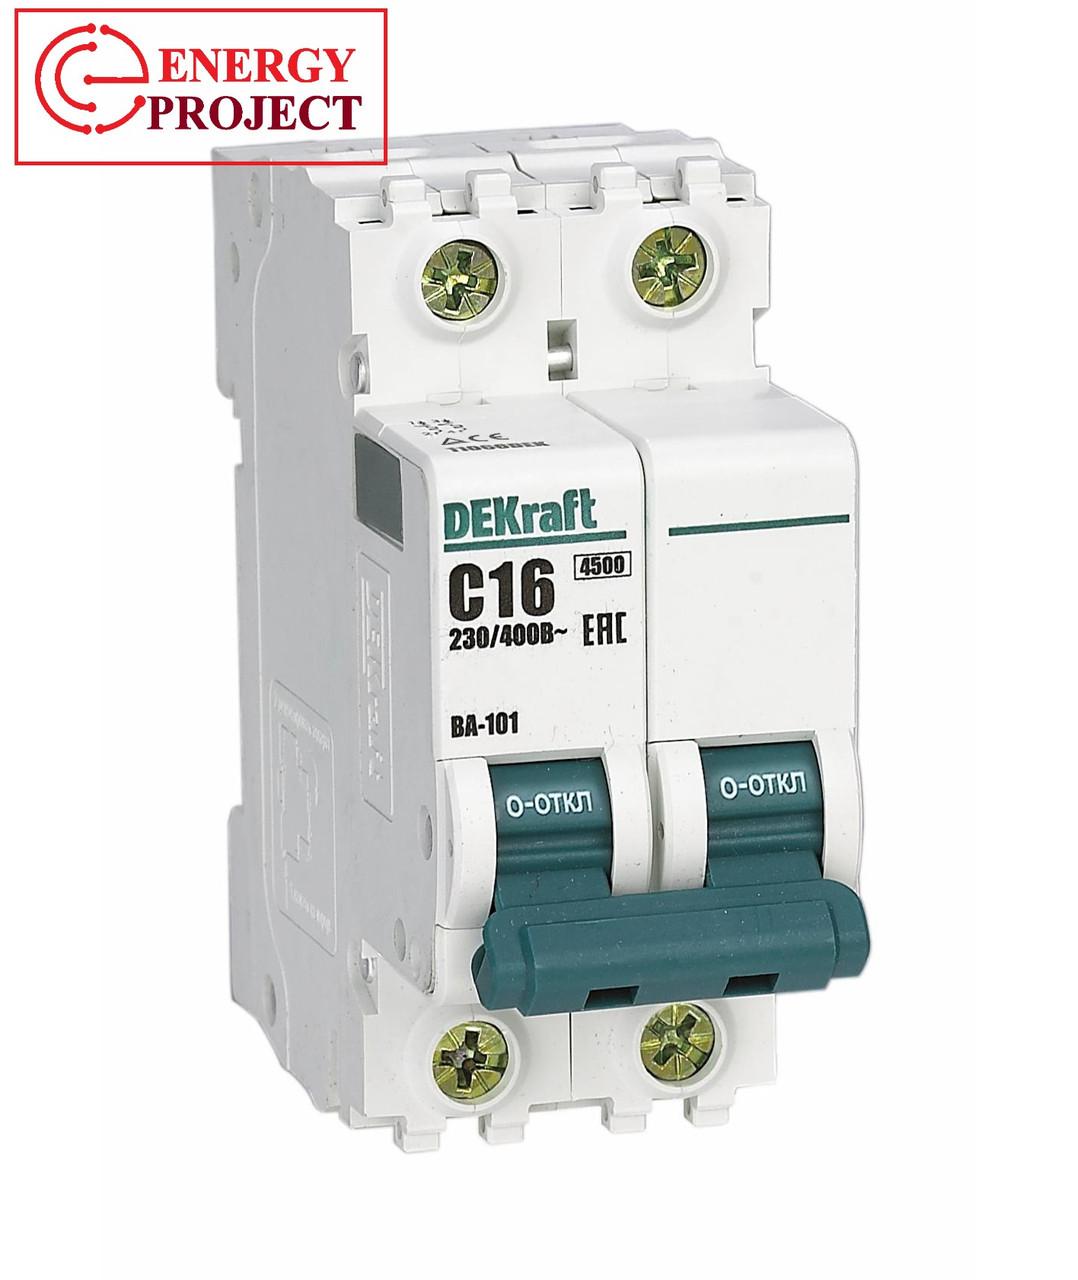 Автоматический выключатель ВА 101 1П 6А(114) Dekraft